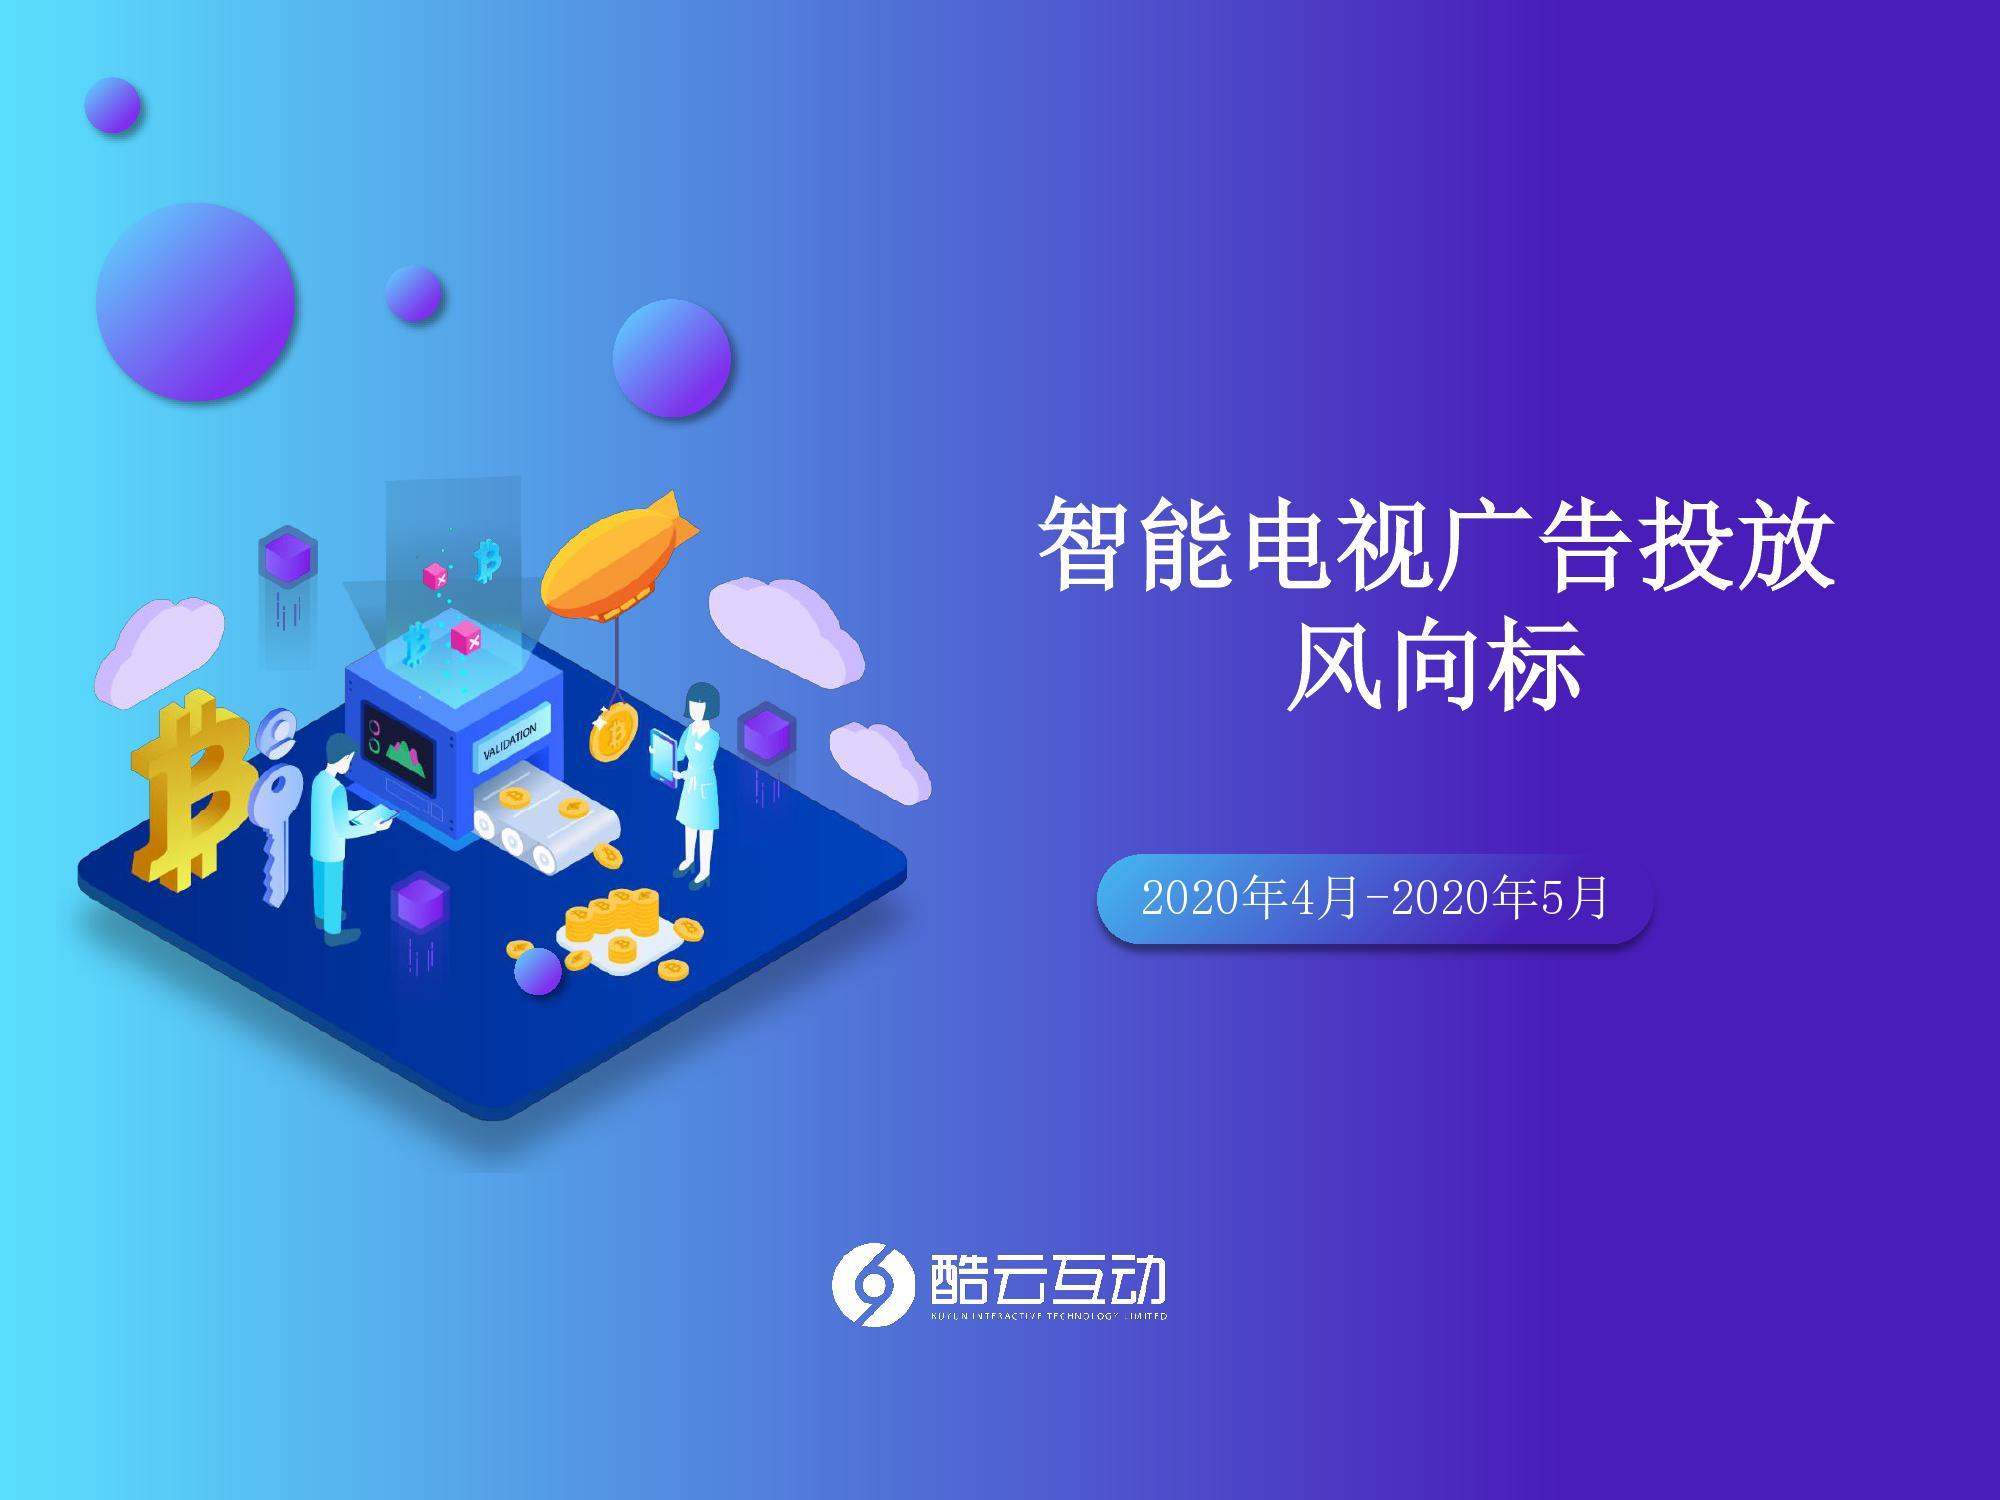 酷云互动:2020年4-5月智能电视广告投放月度风向标